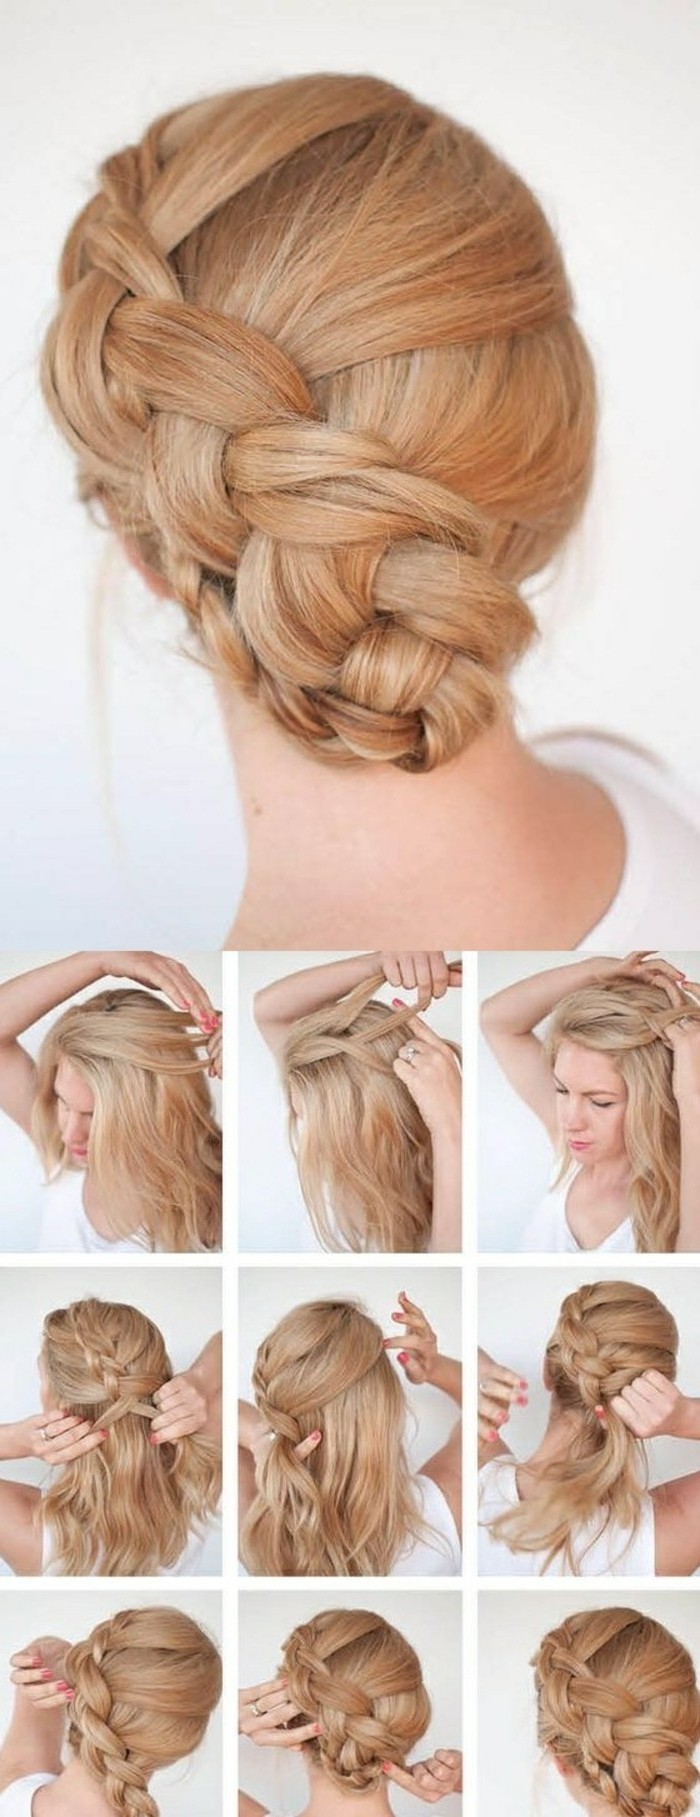 peinados para pelo largo, adorables ideas sobre cómo hacer recogidos trenzados originales